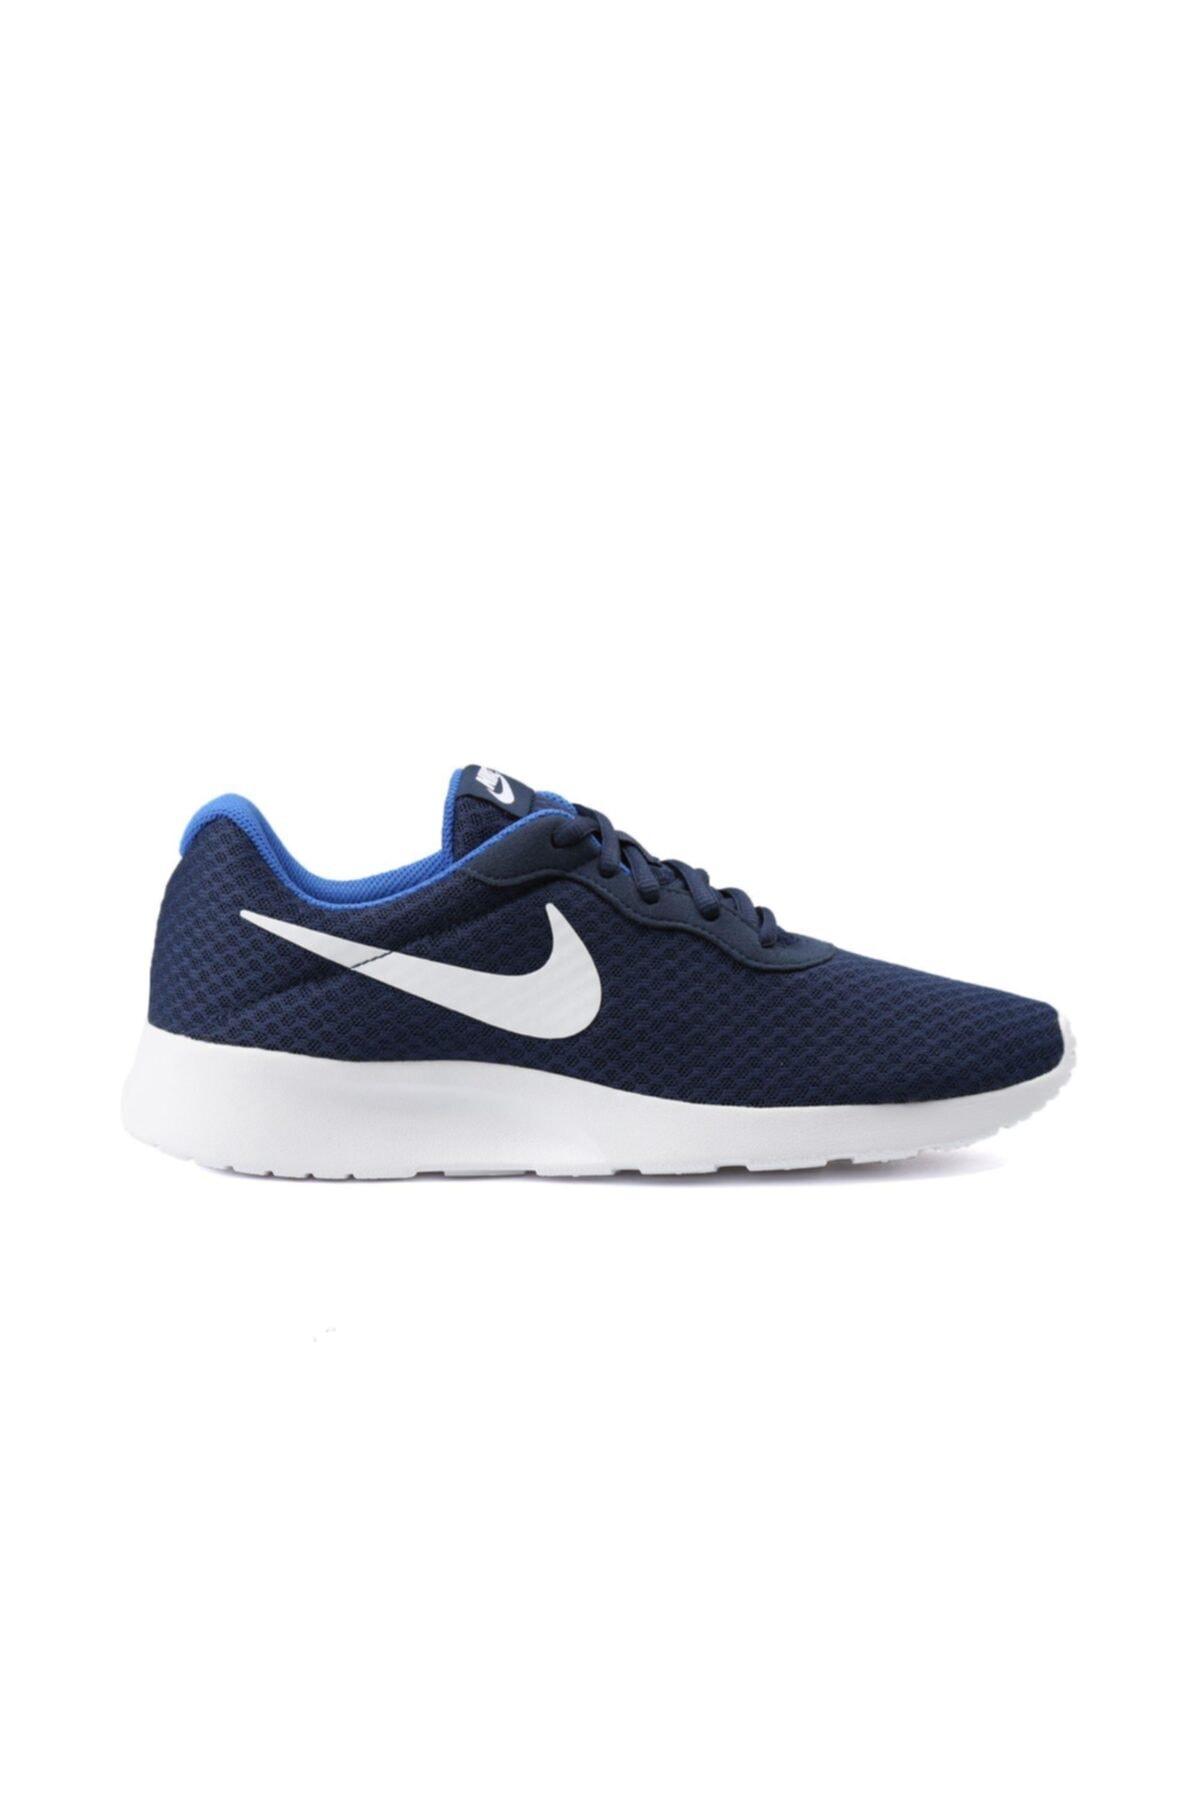 Nike 812654-414 Erkek Spor Ayakkabı Tanjun Ayakkabı 1